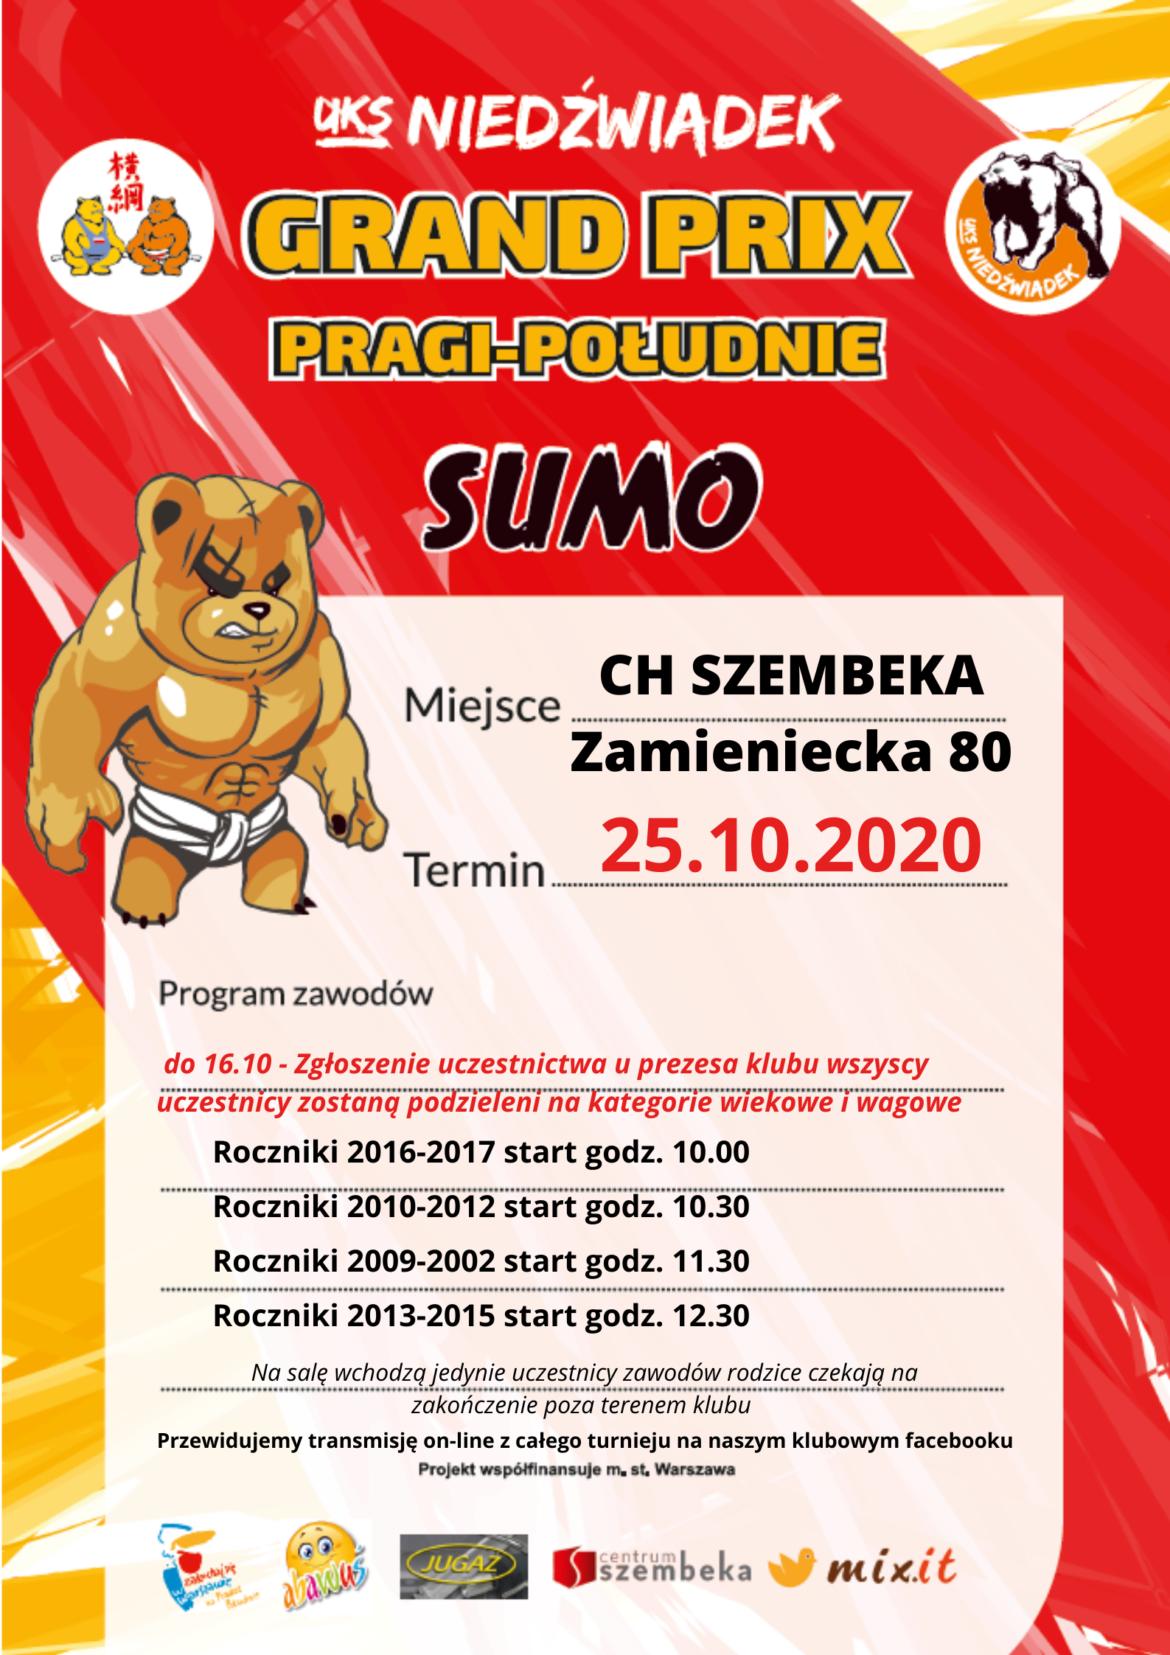 Grand Prix Pragi południe w sumo